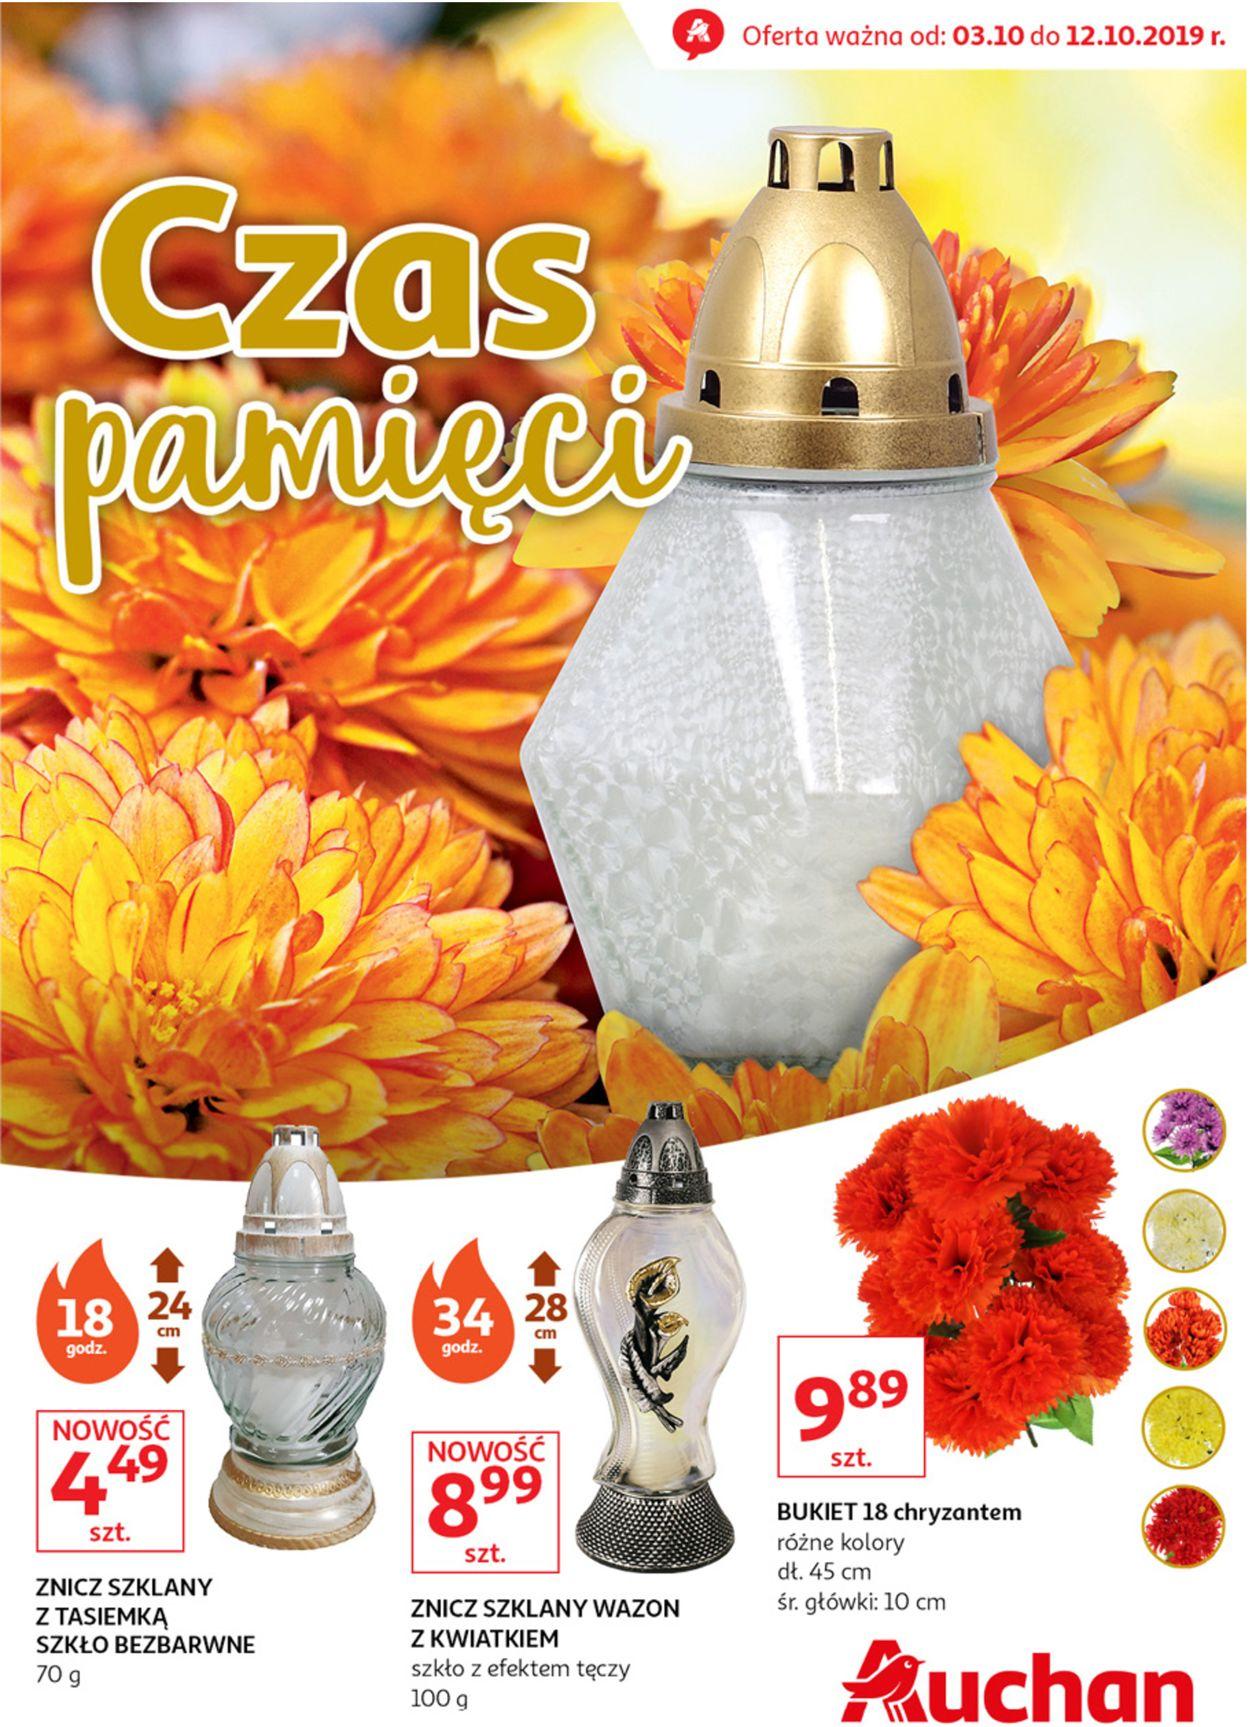 Gazetka promocyjna Auchan - 03.10-12.10.2019